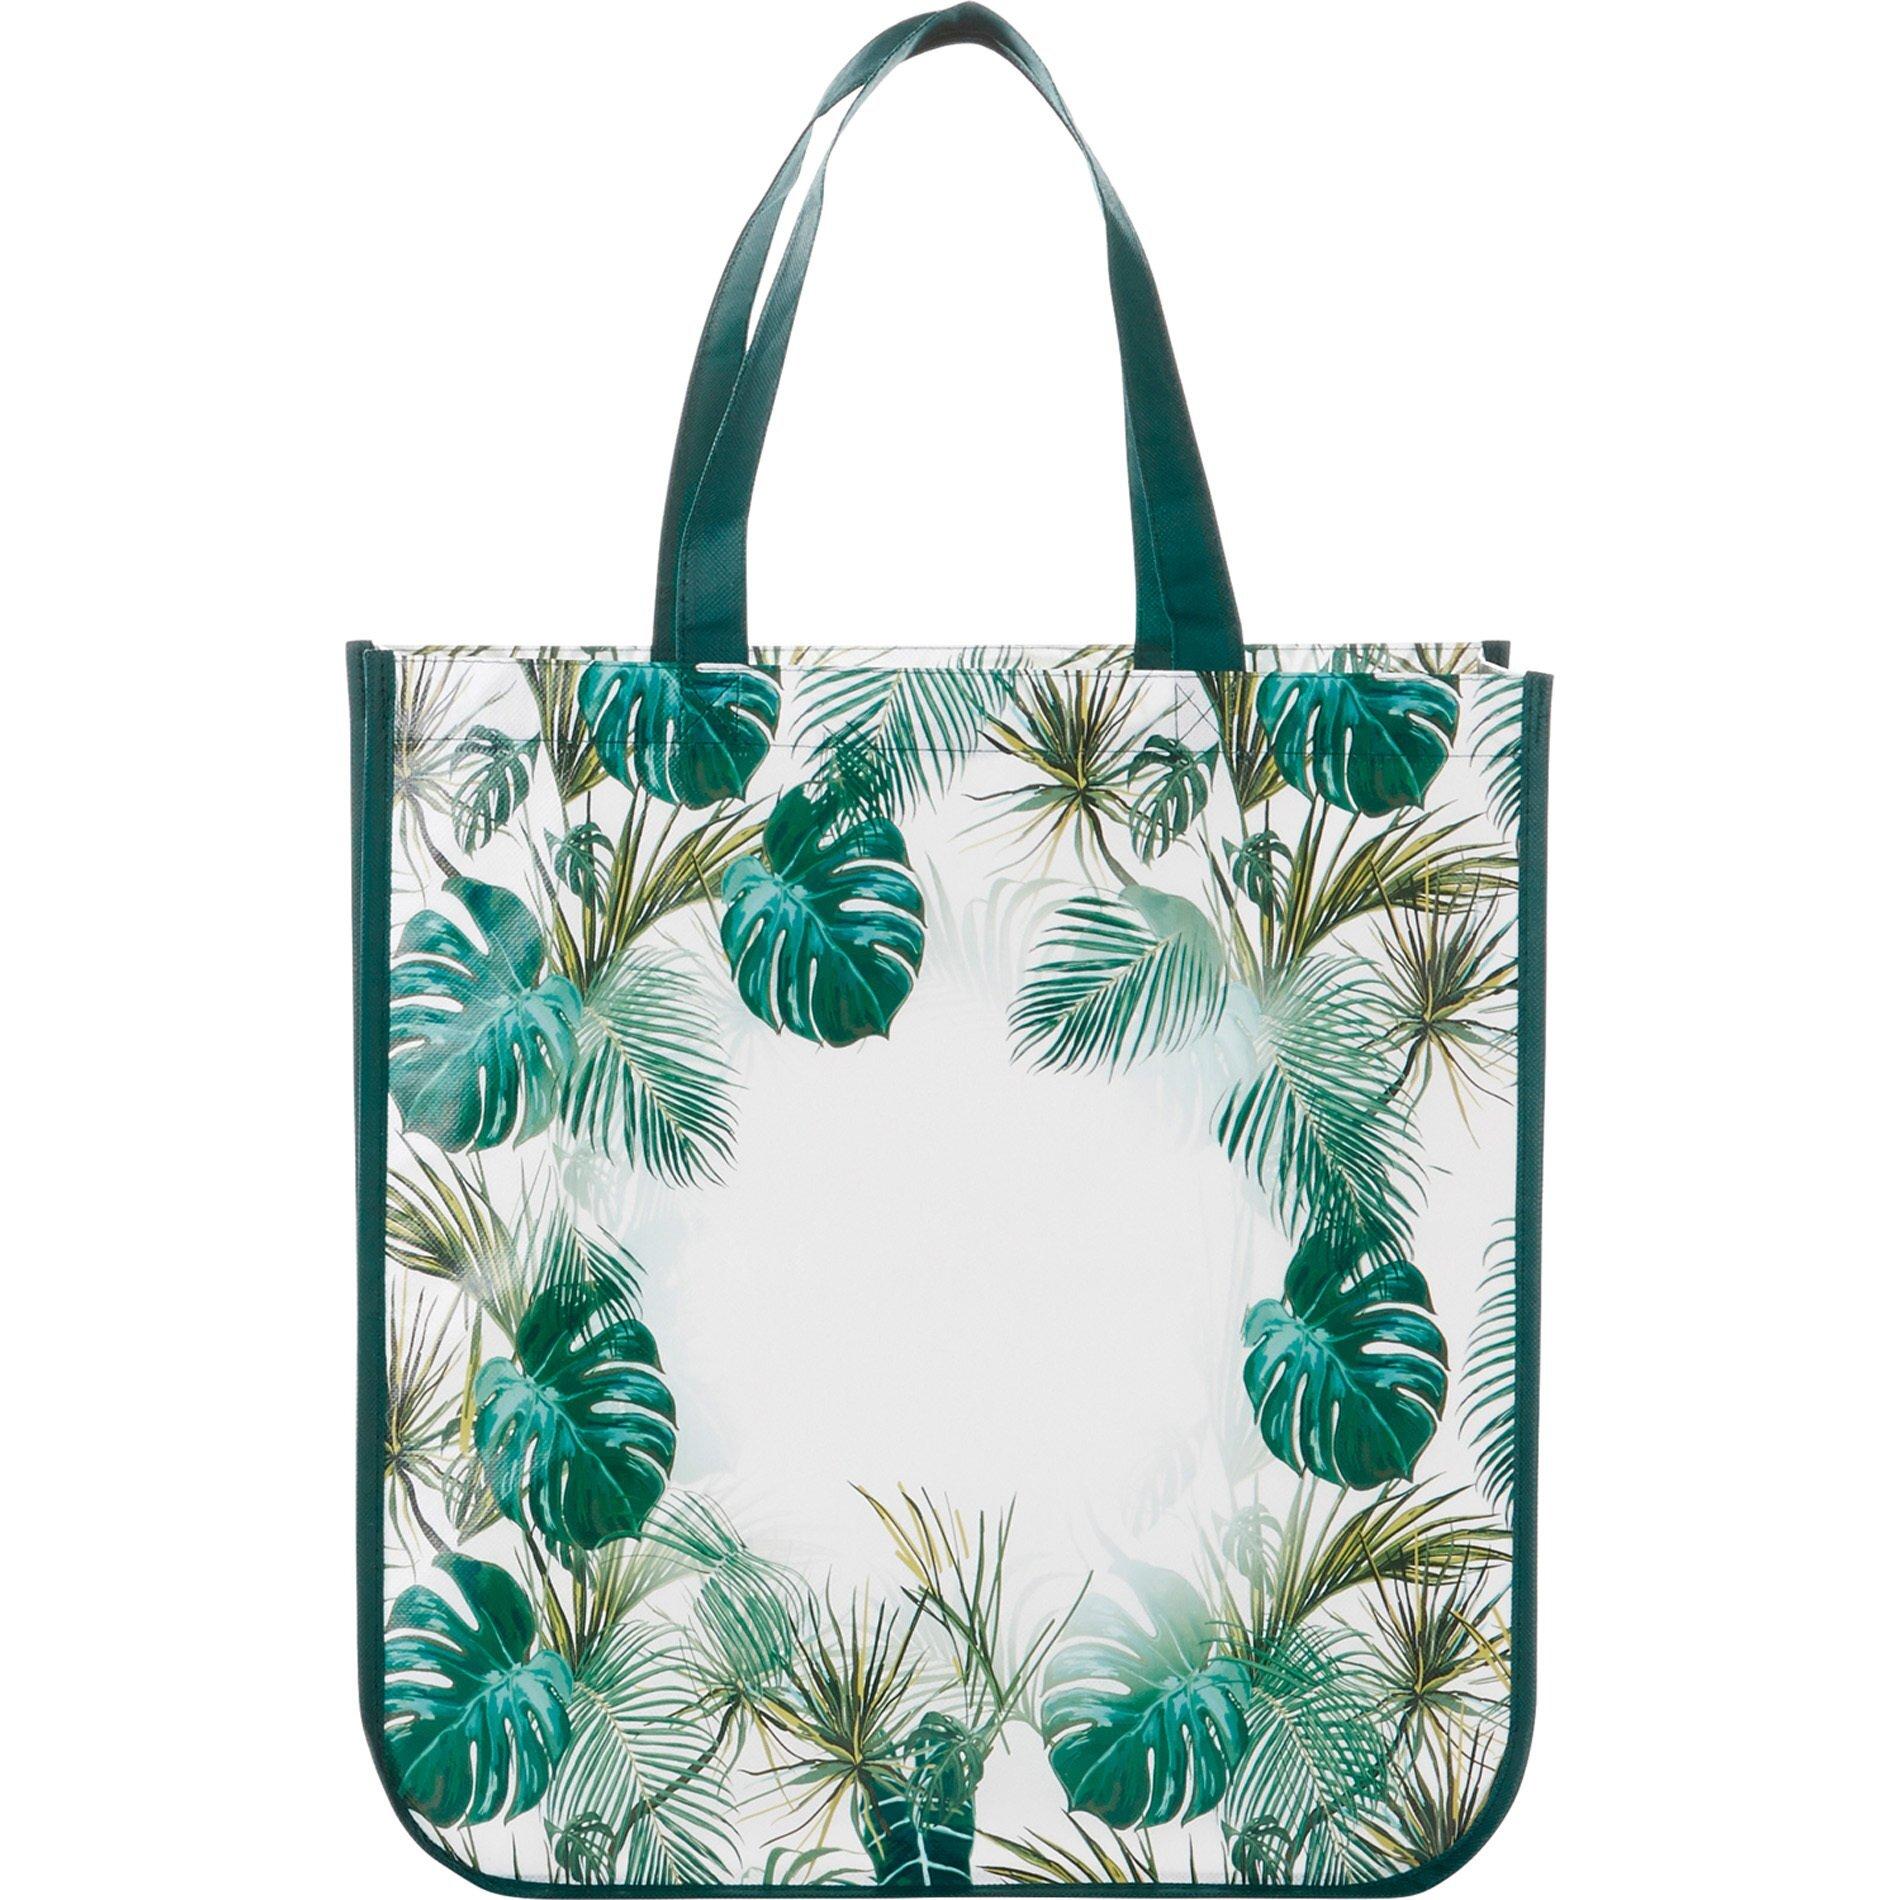 Palms Laminated Non-Woven Shopper Tote